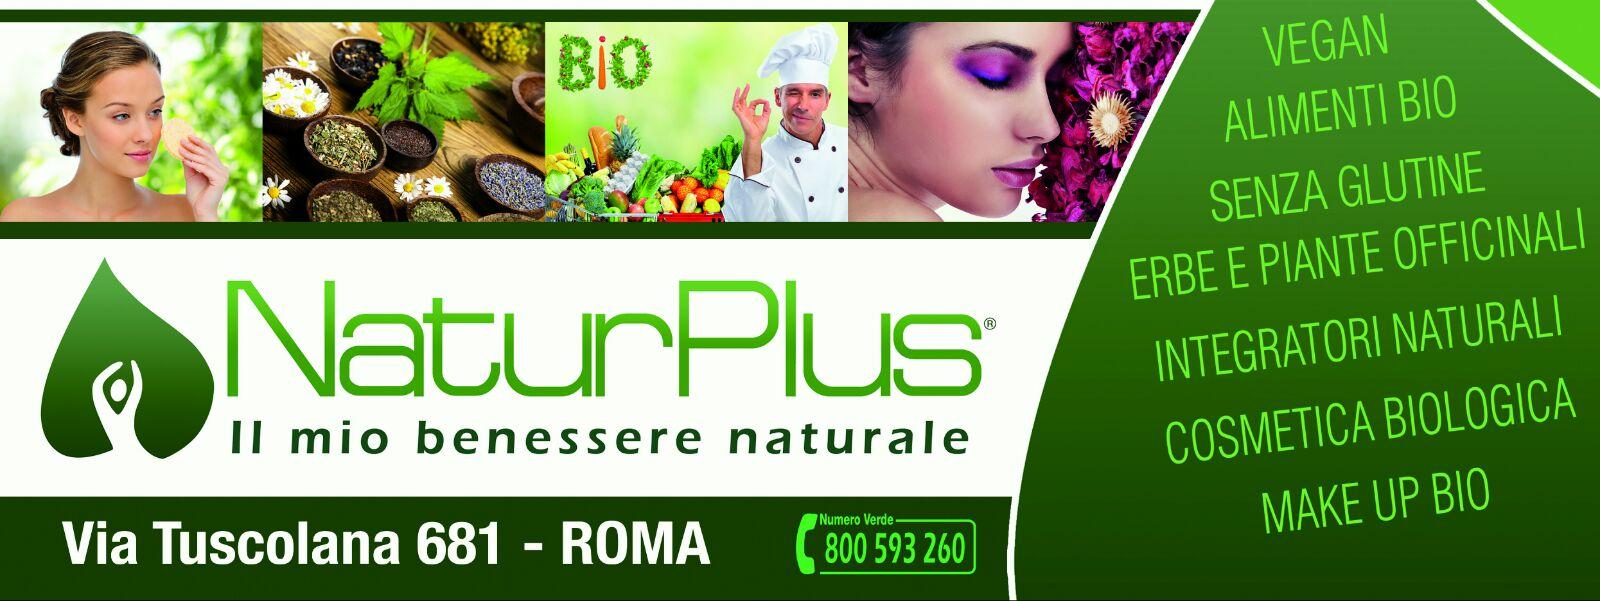 NaturPlus3001